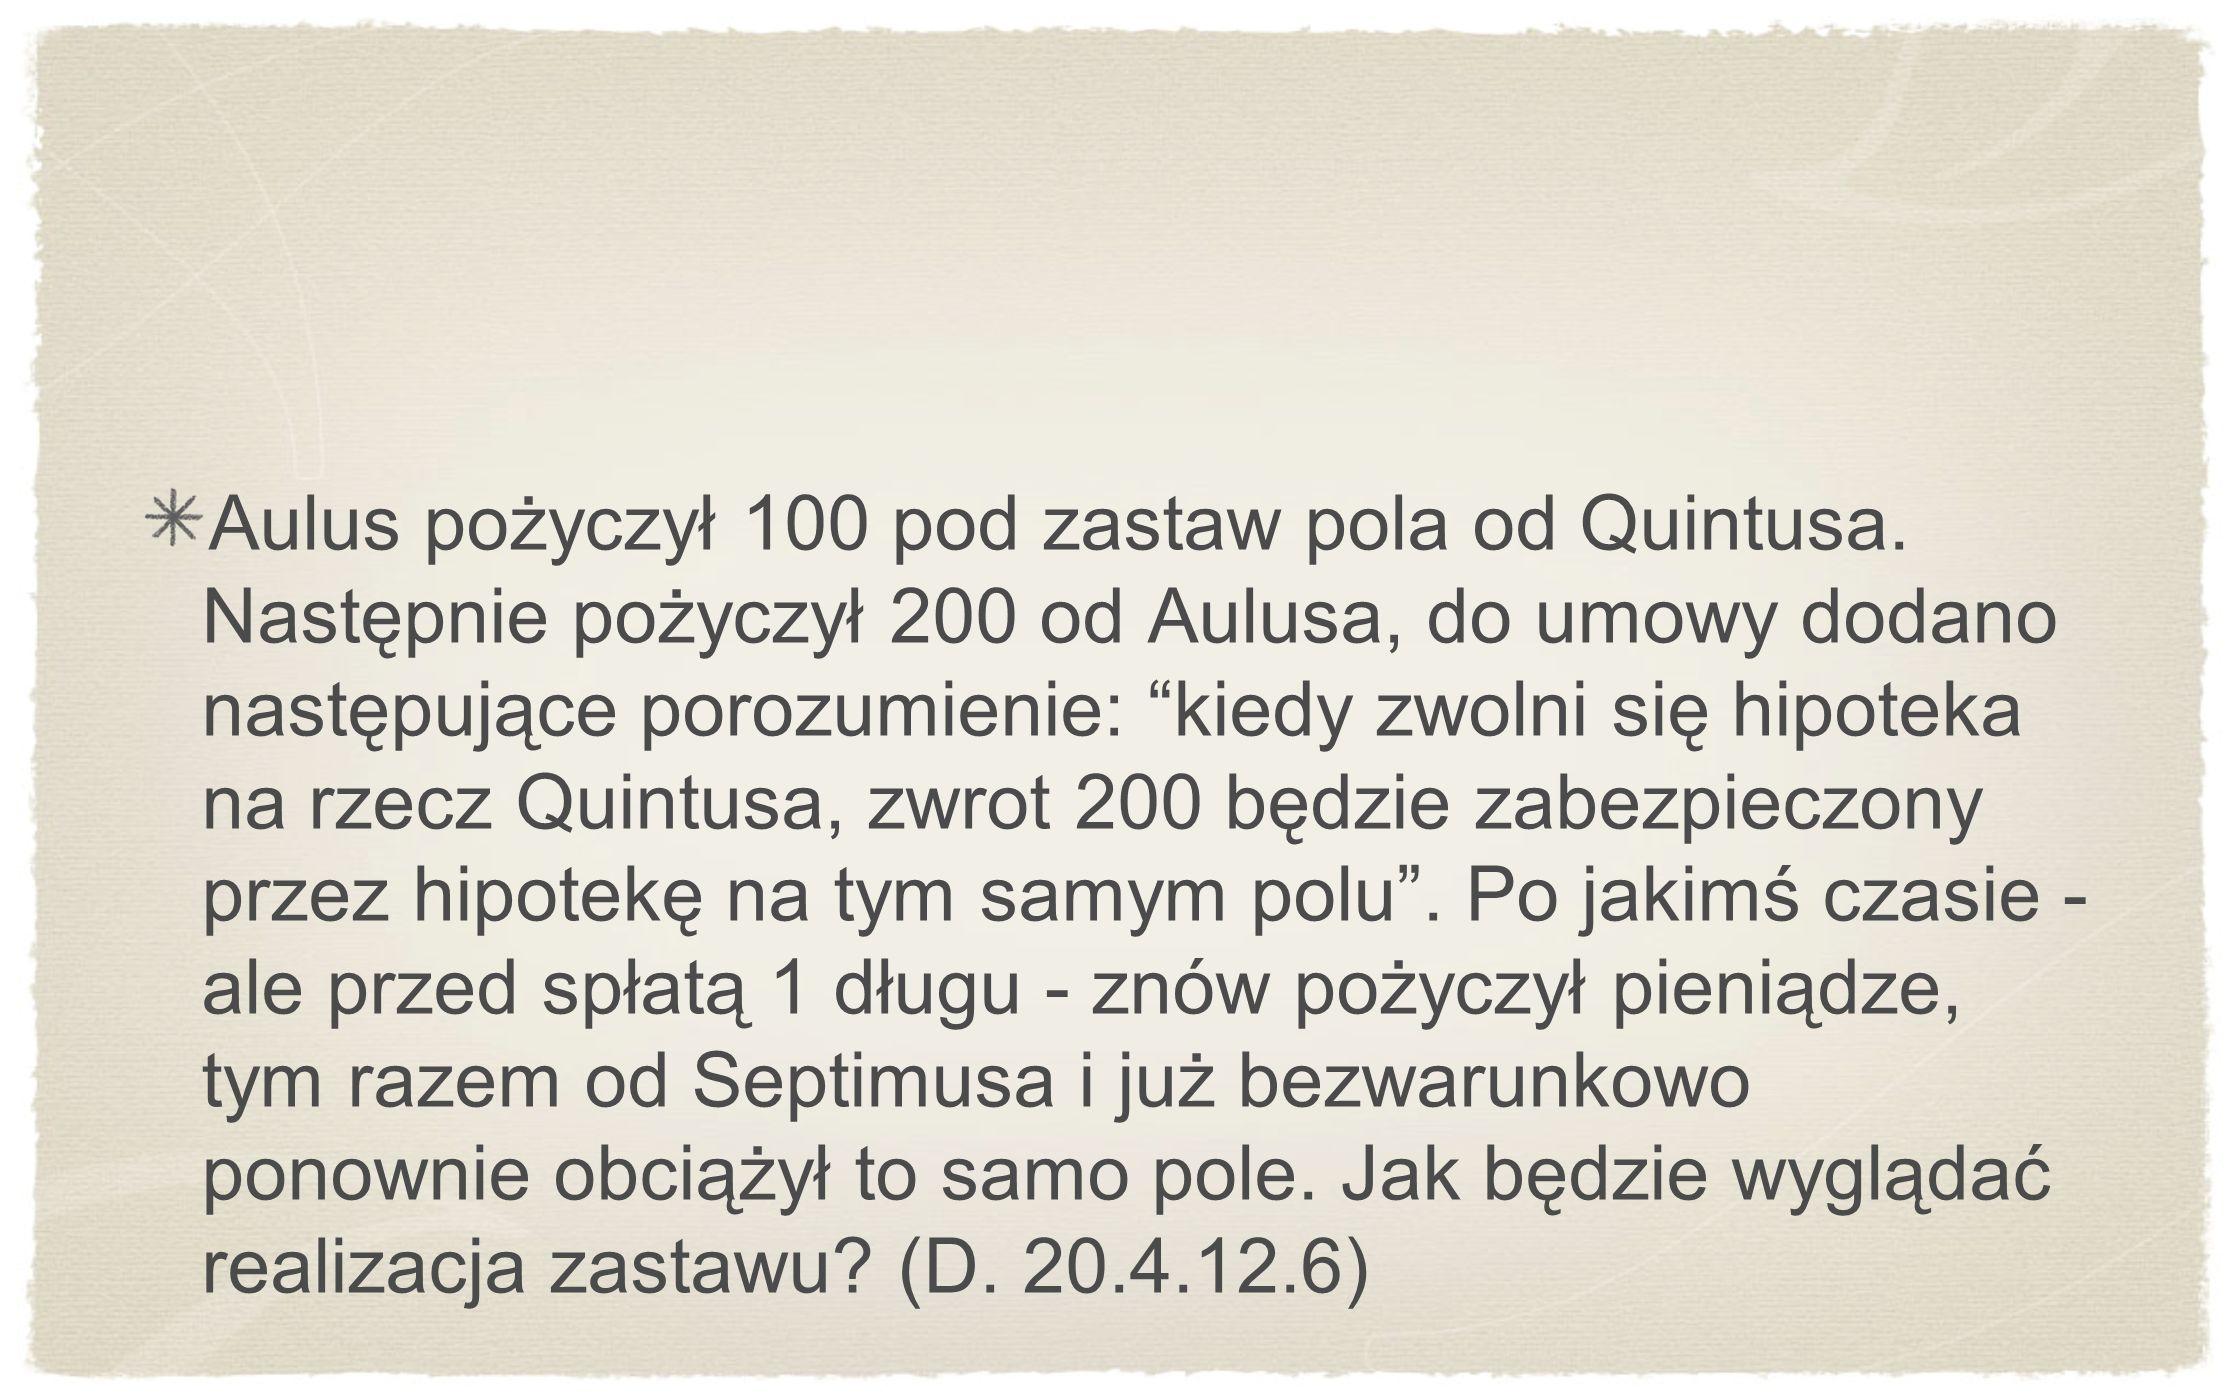 Aulus pożyczył 100 pod zastaw pola od Quintusa. Następnie pożyczył 200 od Aulusa, do umowy dodano następujące porozumienie: kiedy zwolni się hipoteka